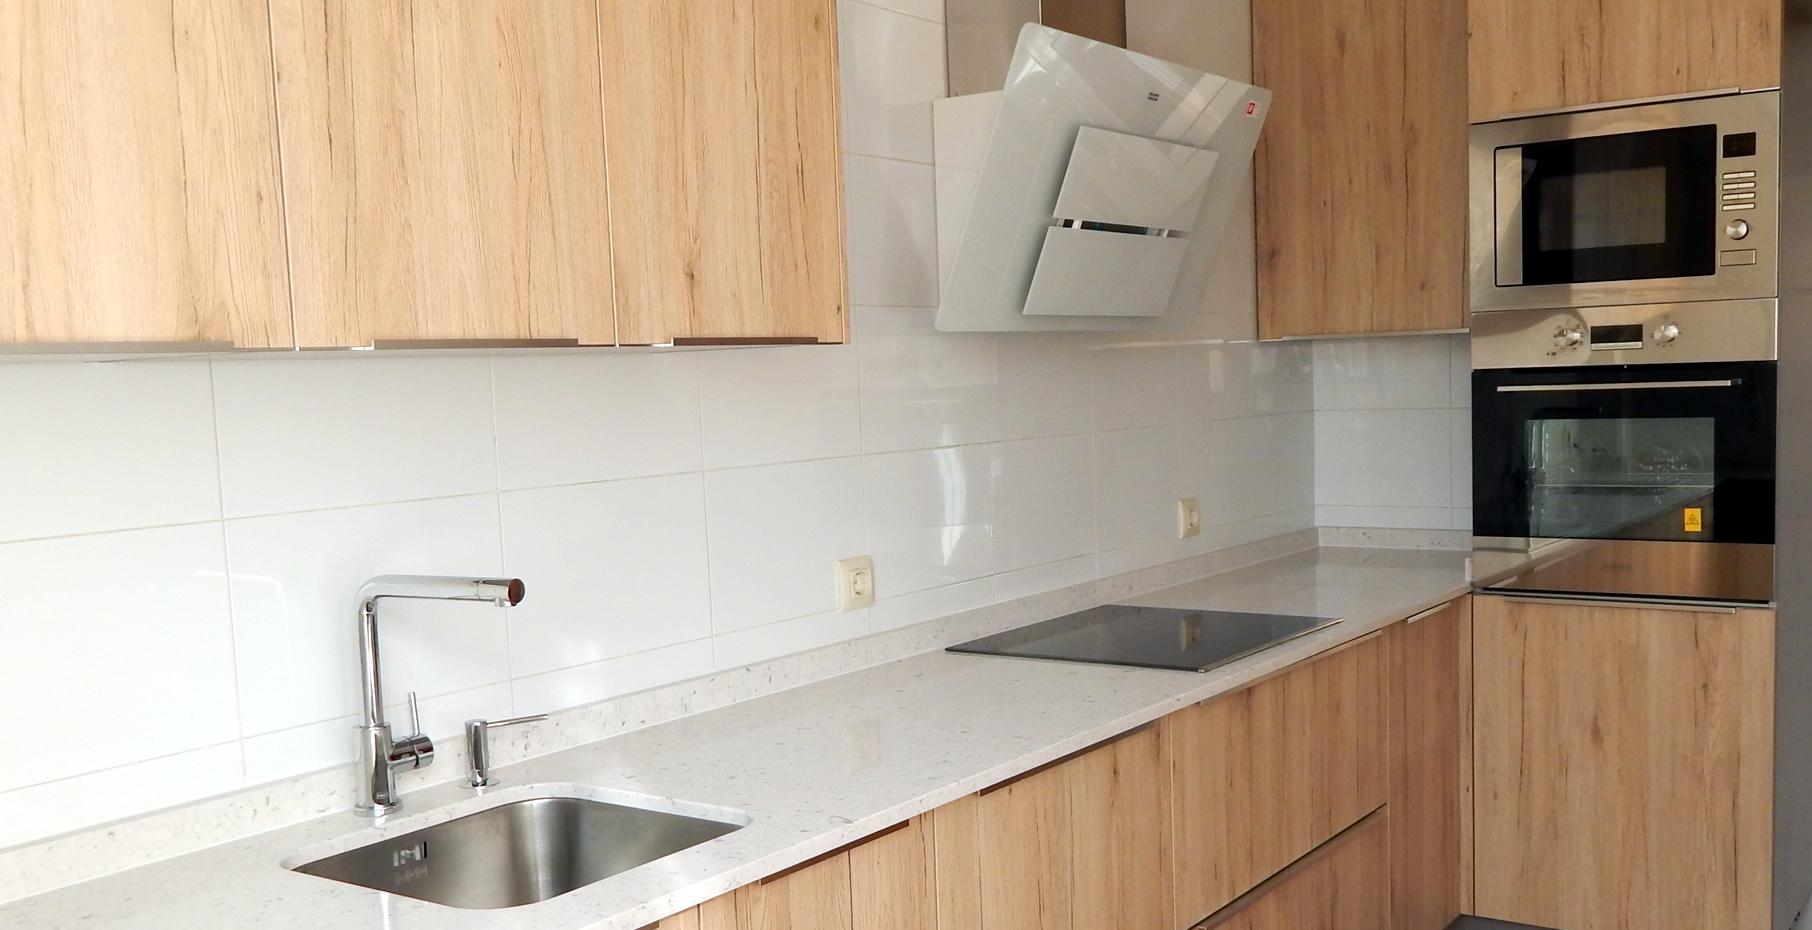 muebles de cocina roble arena